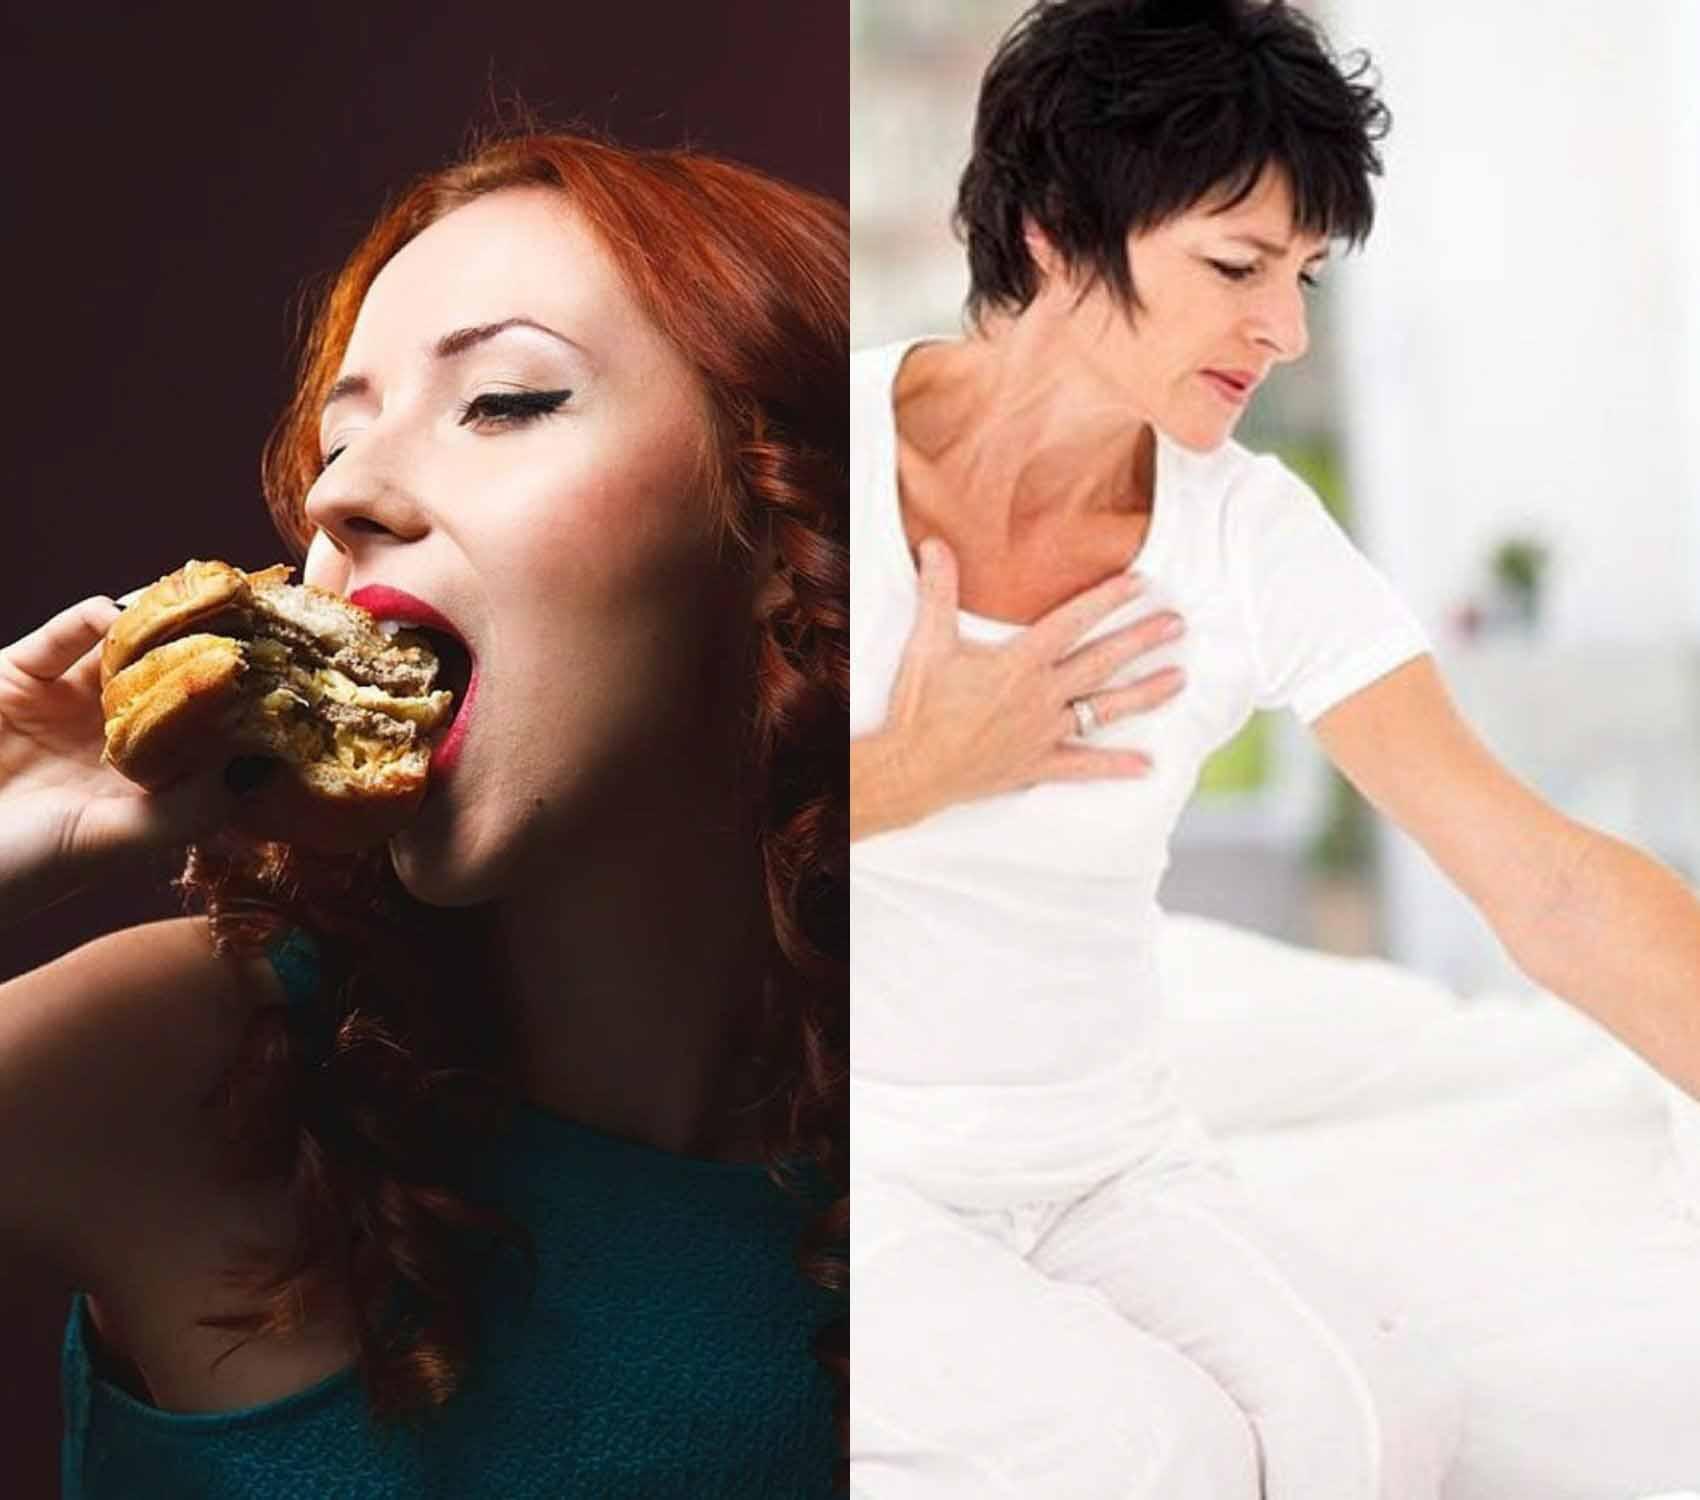 Быстрое питание увеличивает риск сердечного приступа